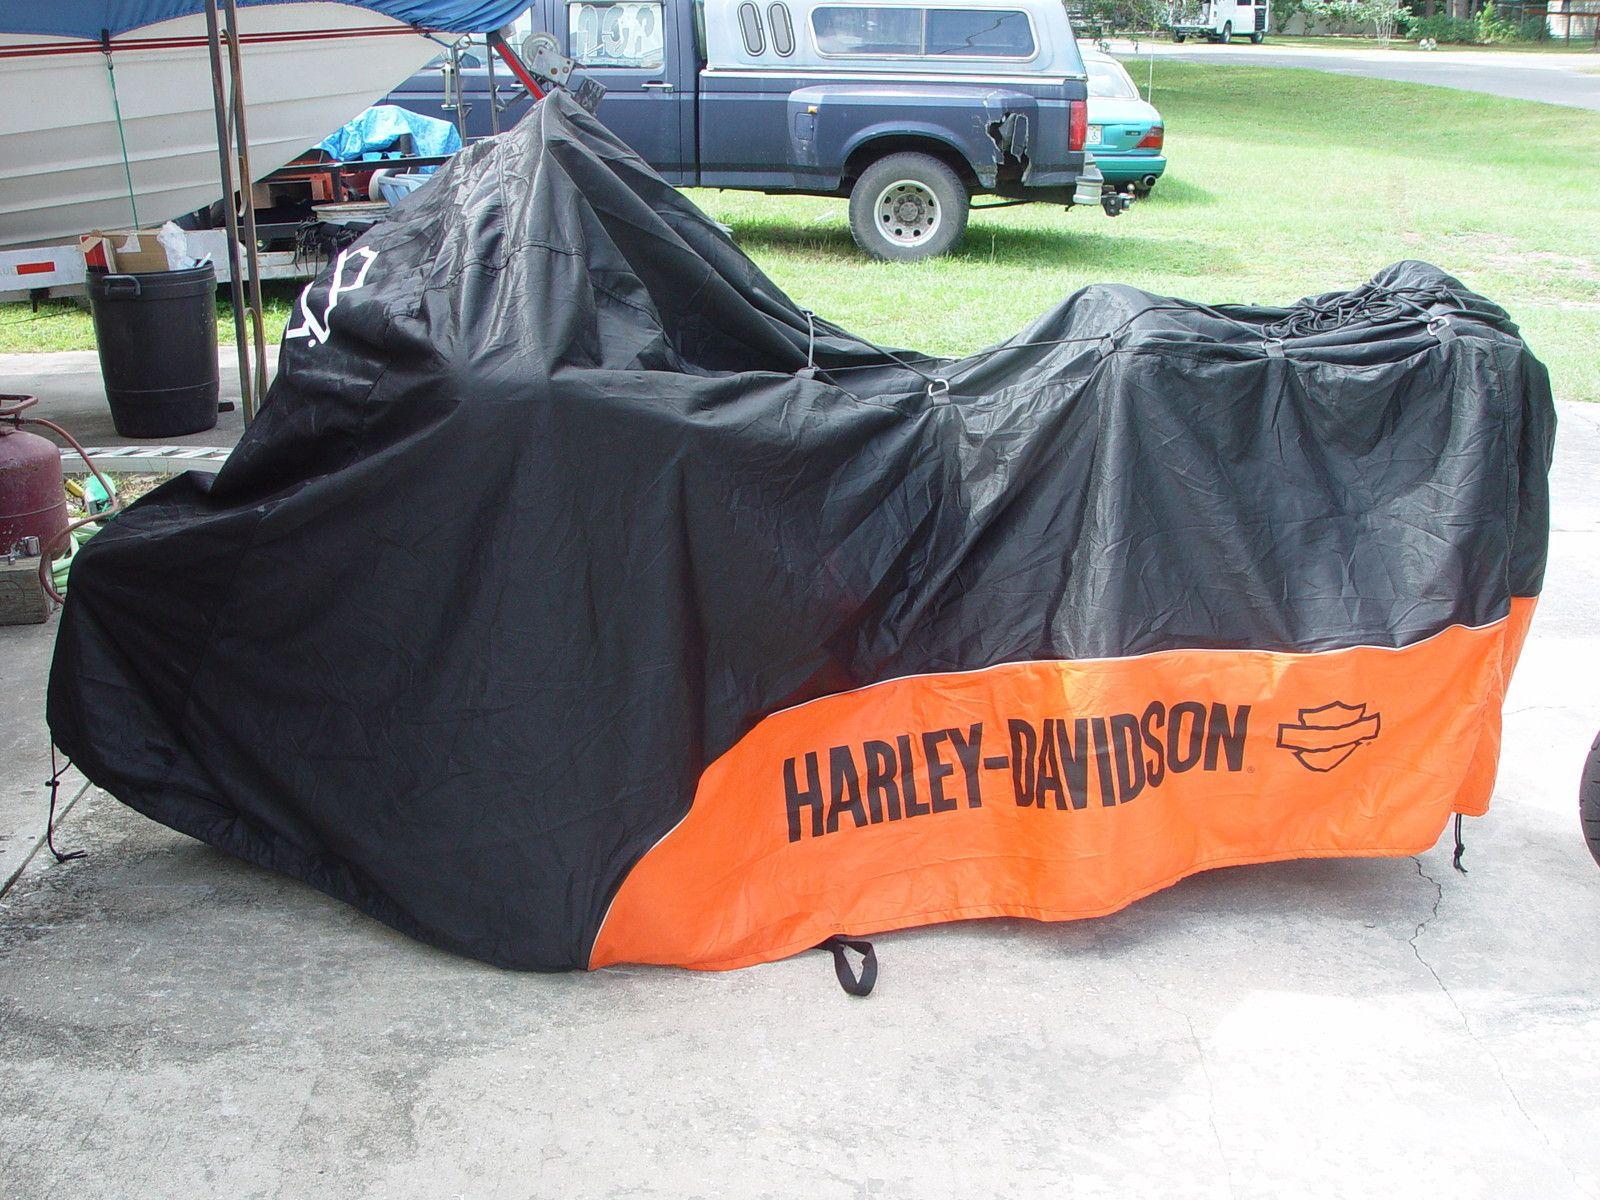 Harley Davidson Indoor Touring Flh Flhx Flhtc Motorcycle Cover 93100018 Motorcycle Cover Harley Davidson Harley